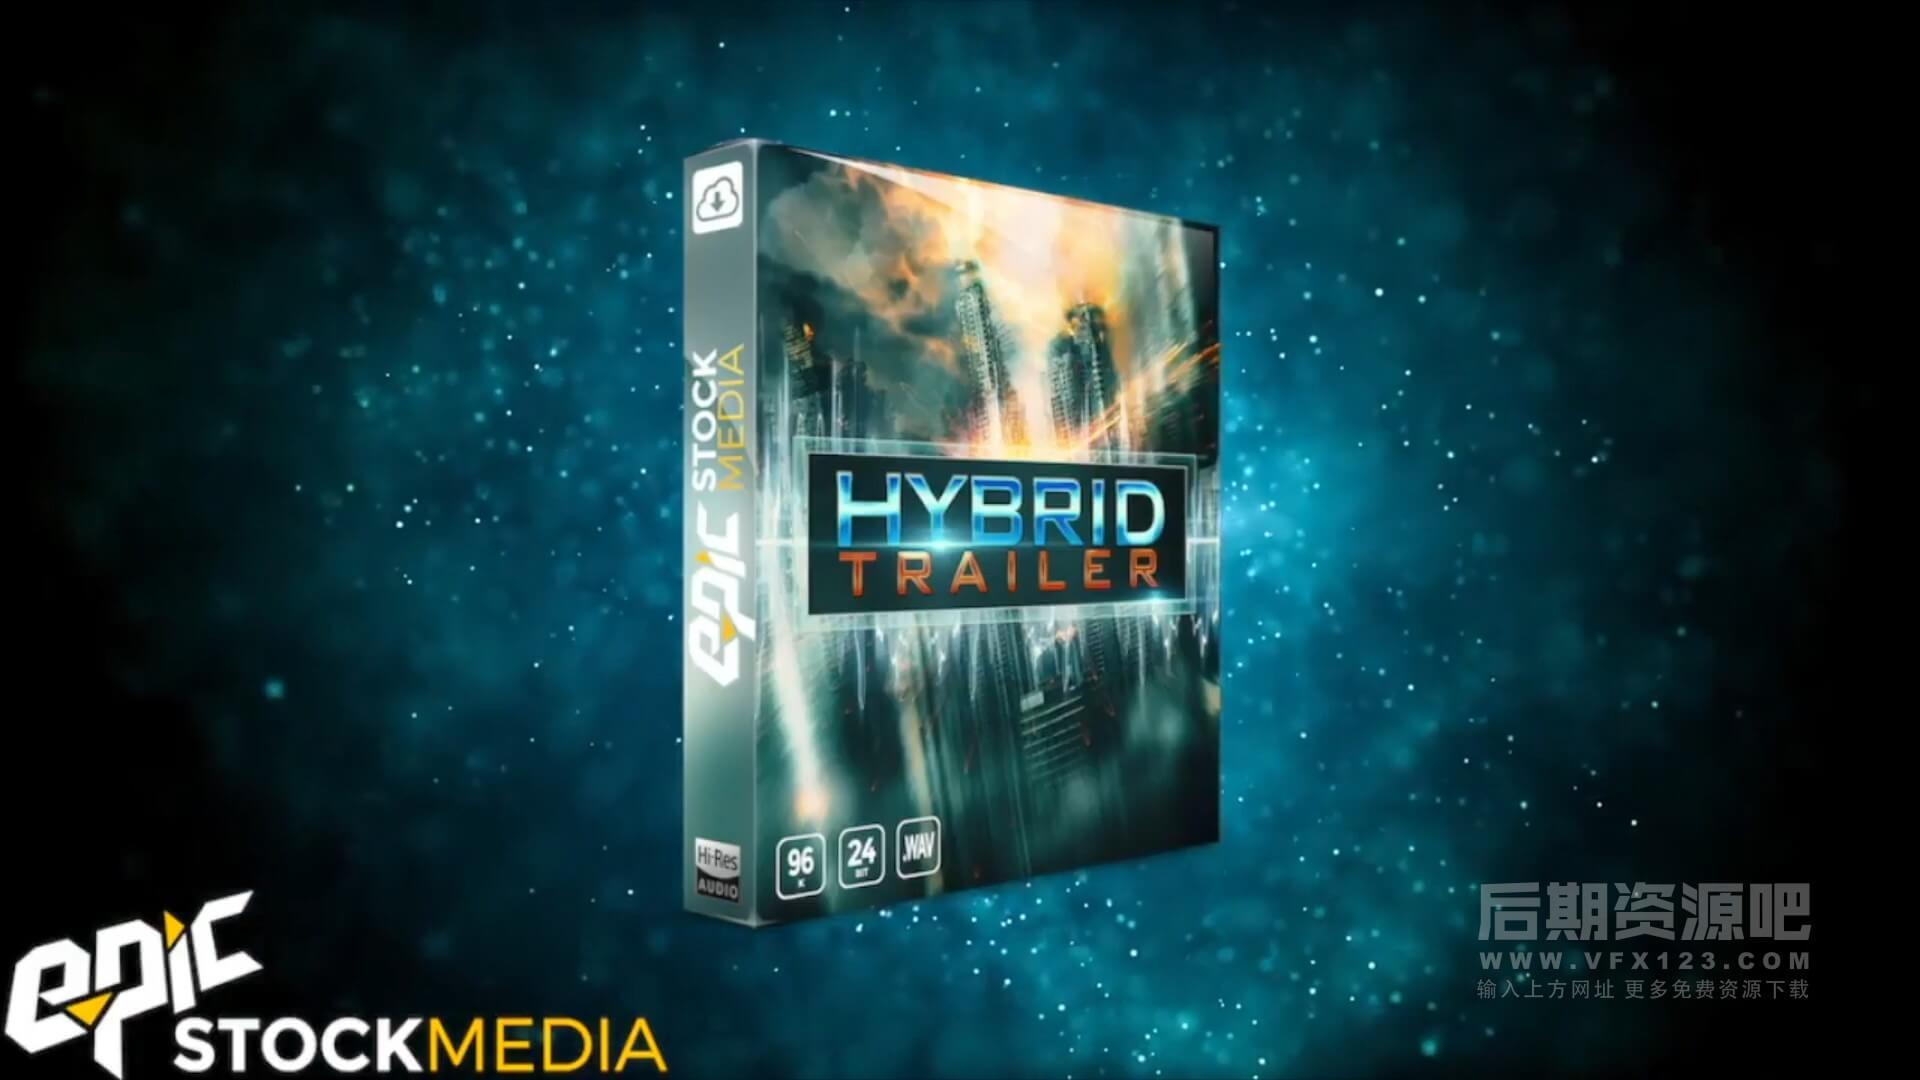 音效素材 503科幻游戏破坏冲击UI动作电影预告片音效集合 Hybrid Trailer